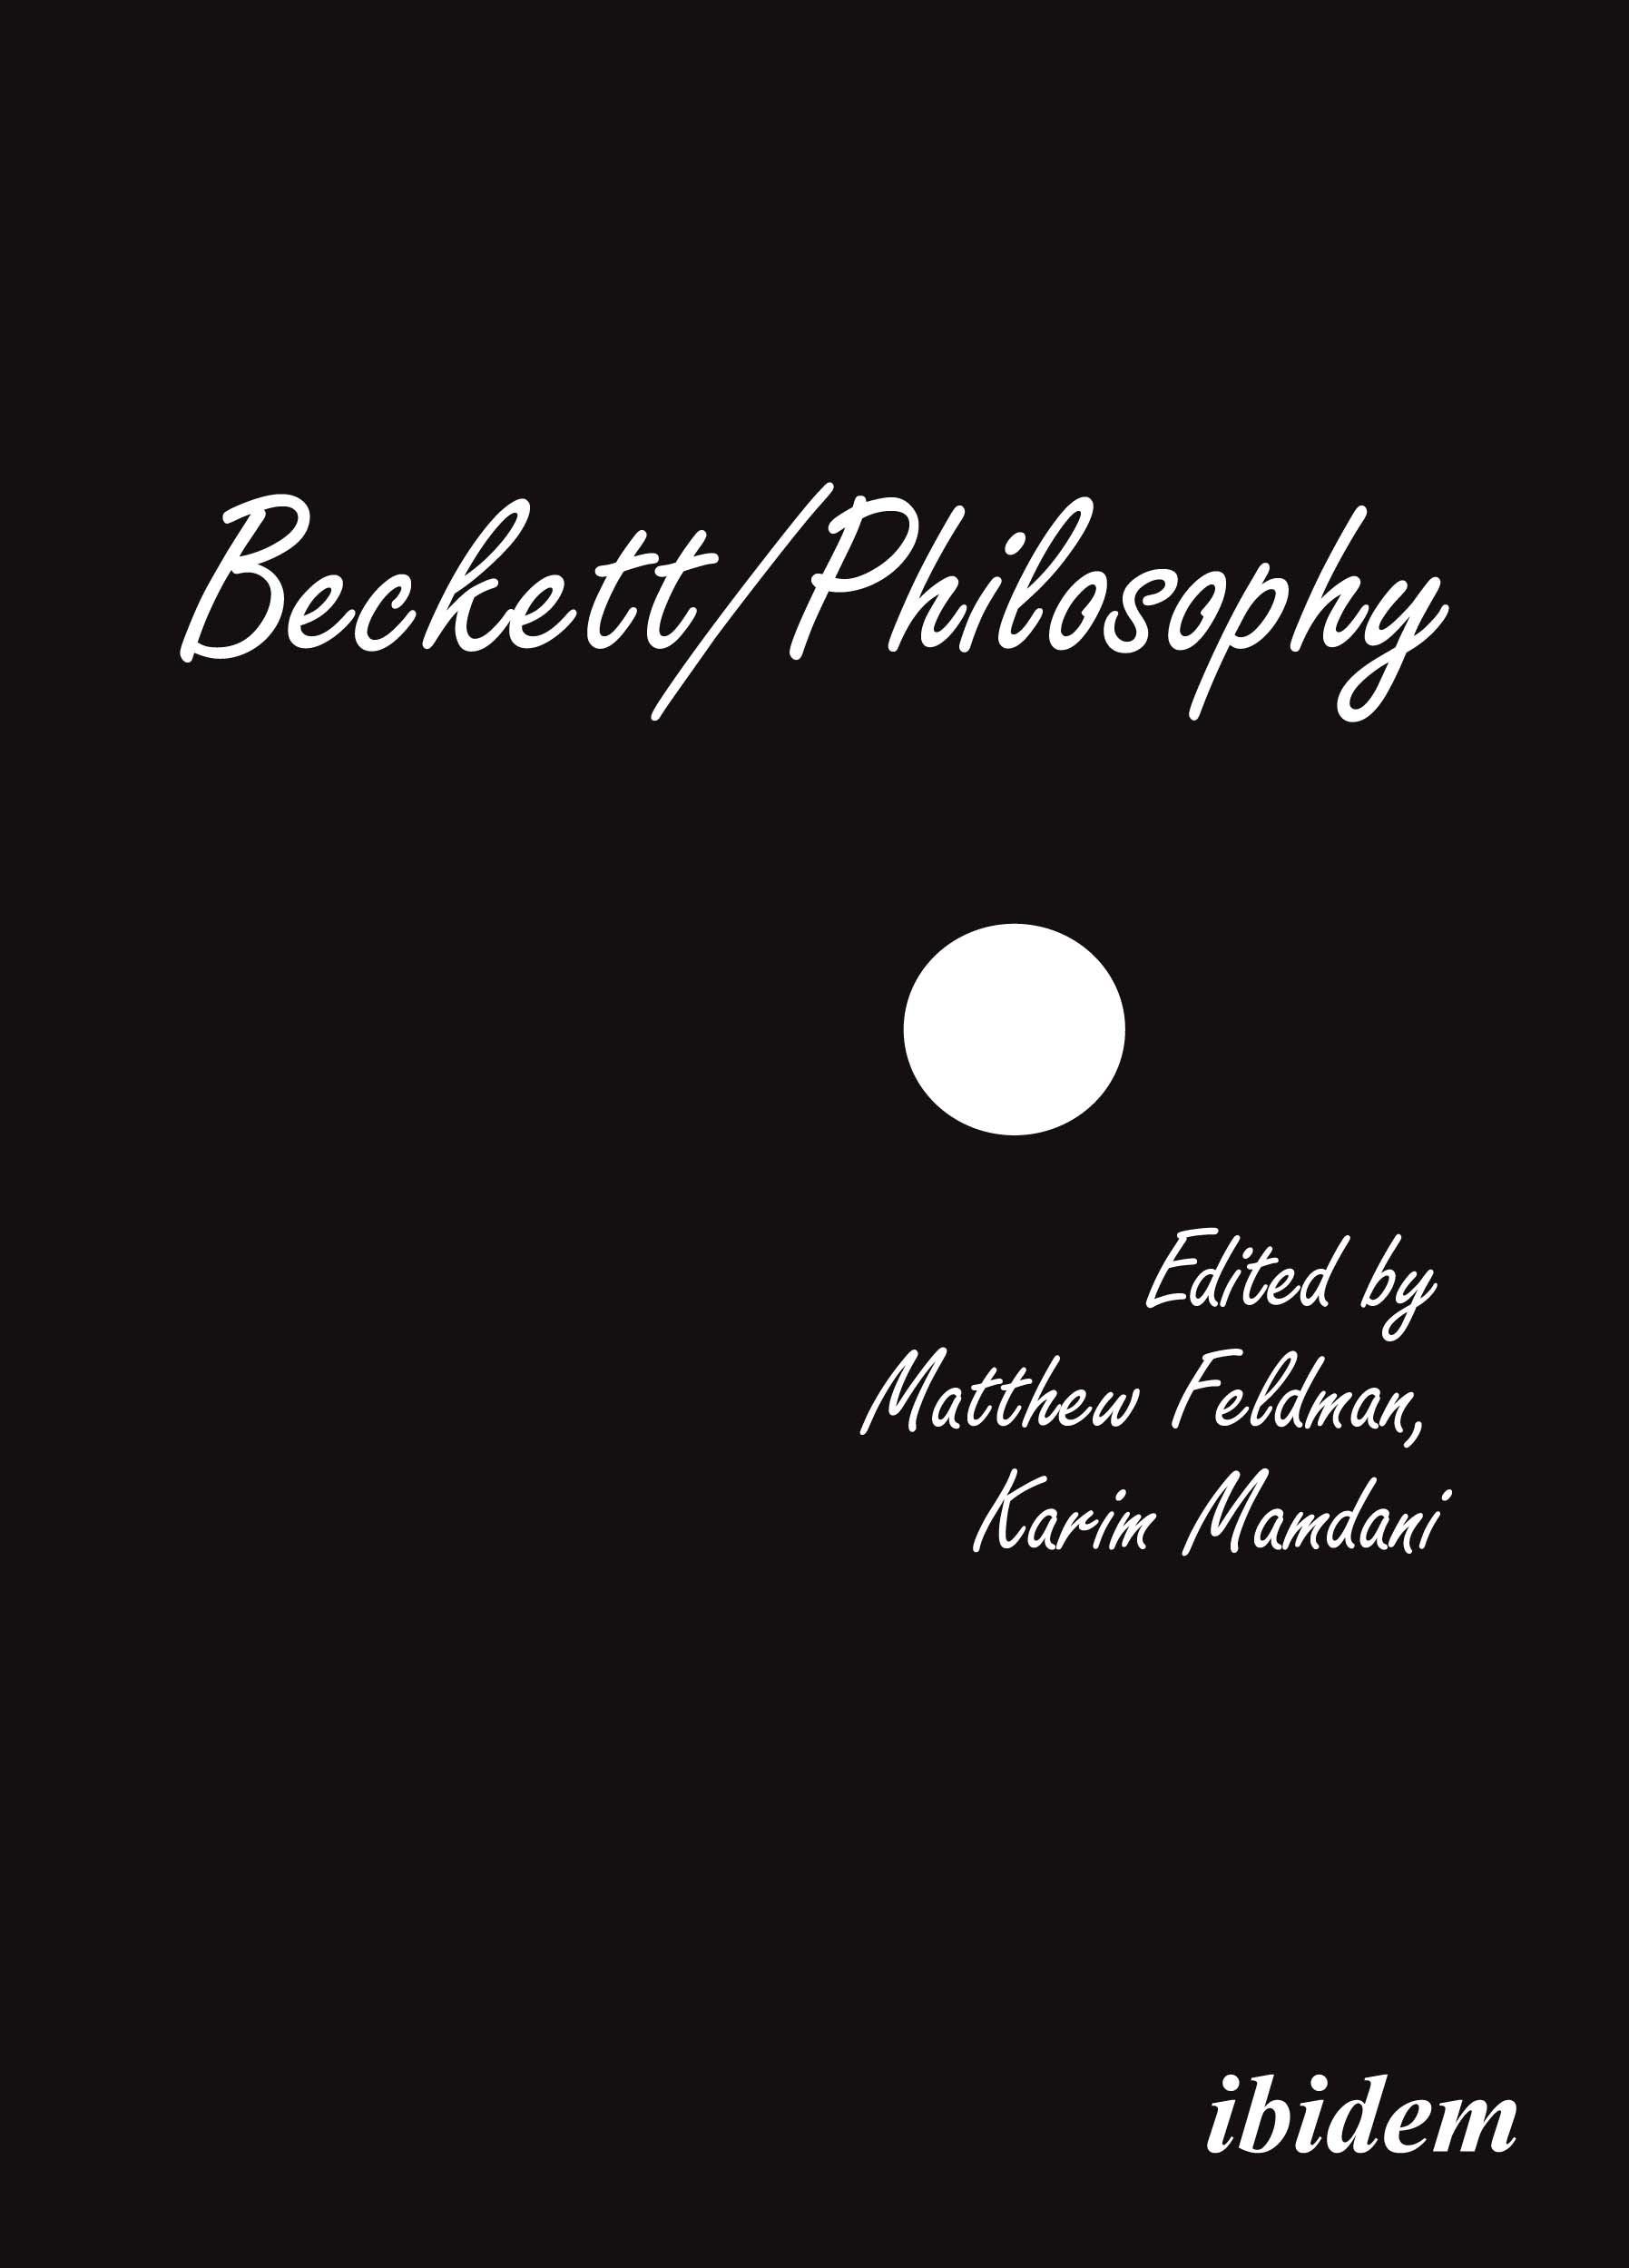 Beckett/Philosophy